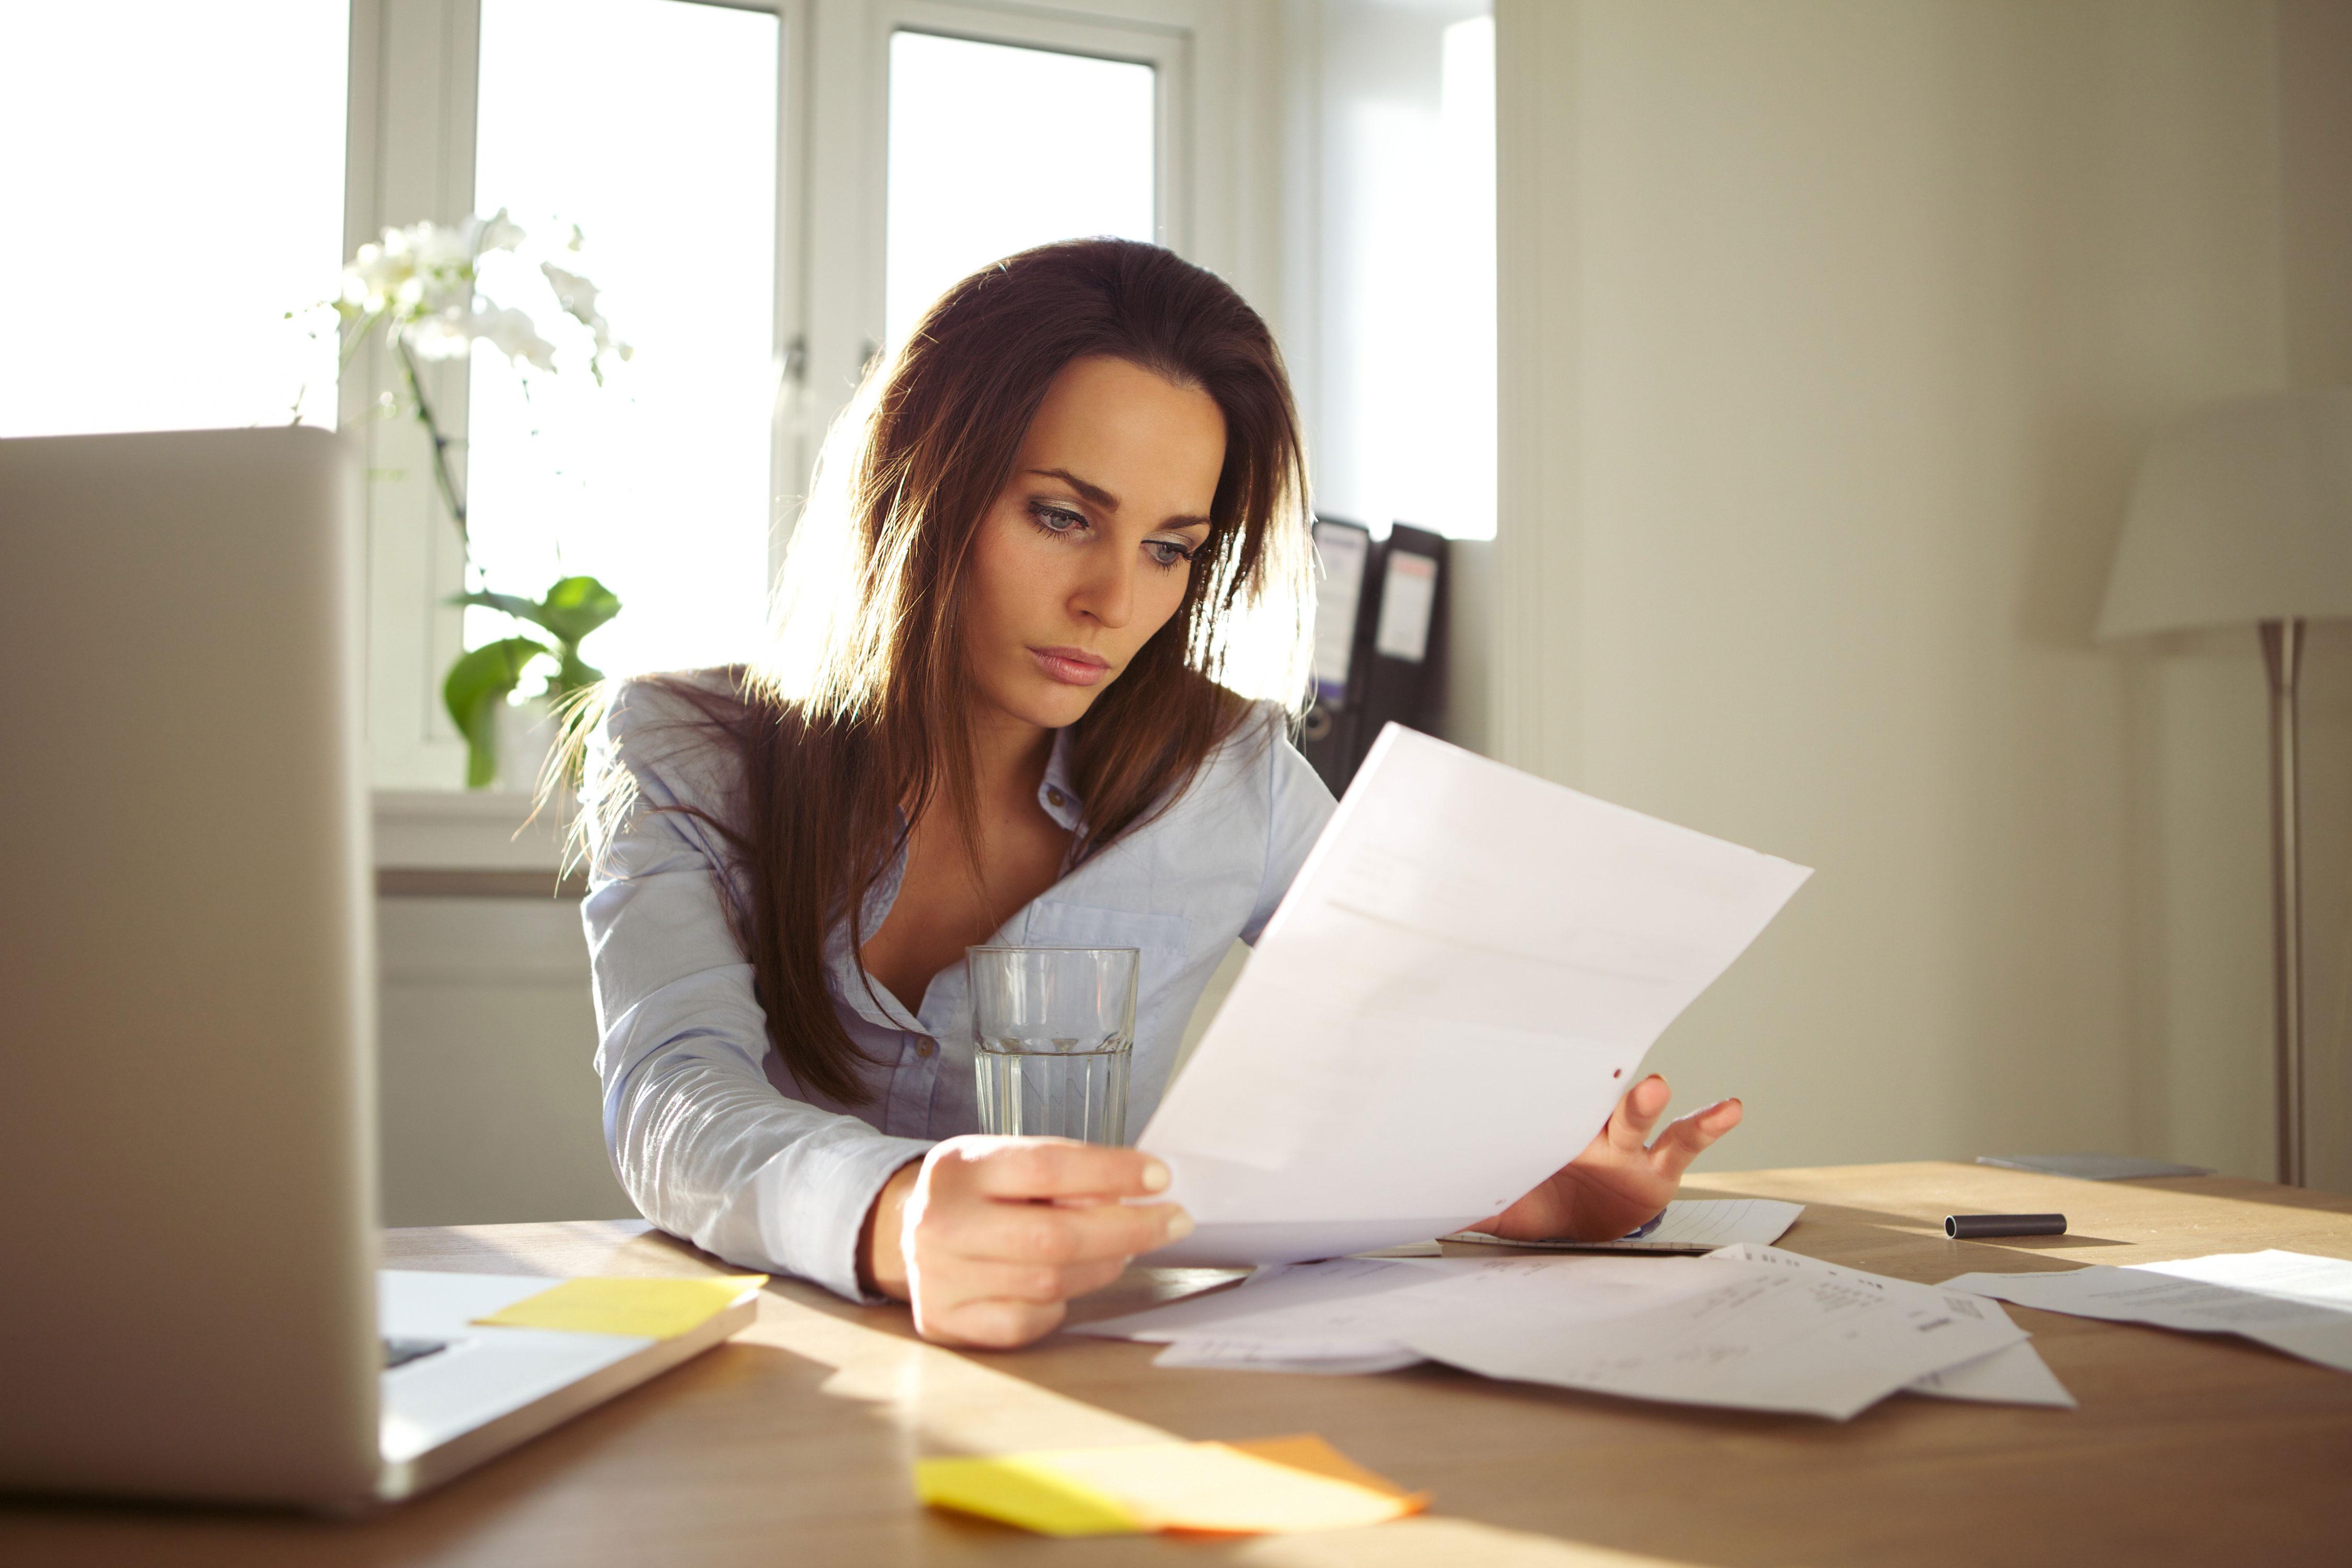 Frau liest Dokument am Schreibtisch